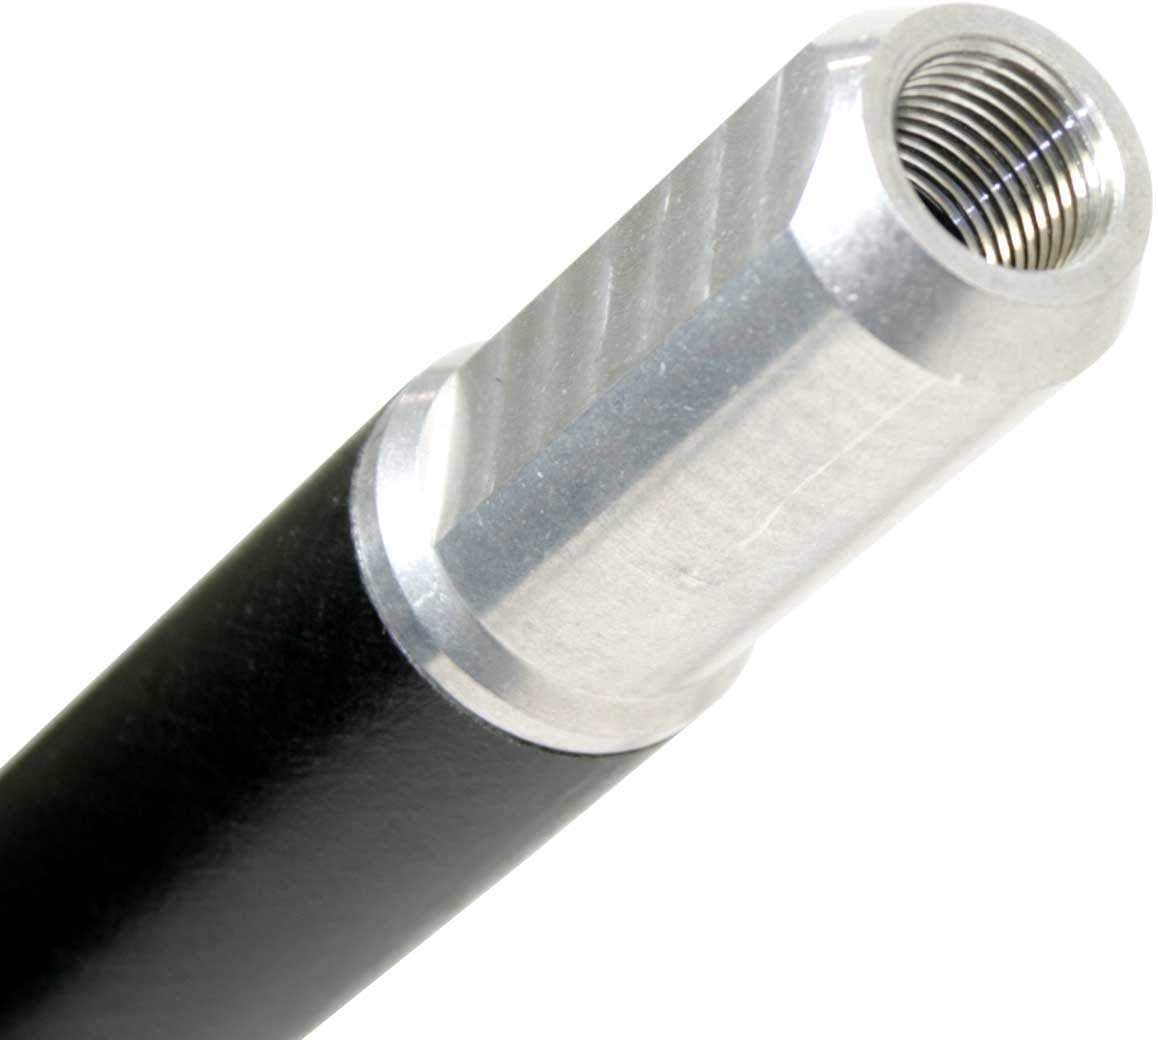 TapeTech Fiberglass Handle with Corner Applicator Adapter FHTT//CAA-TT